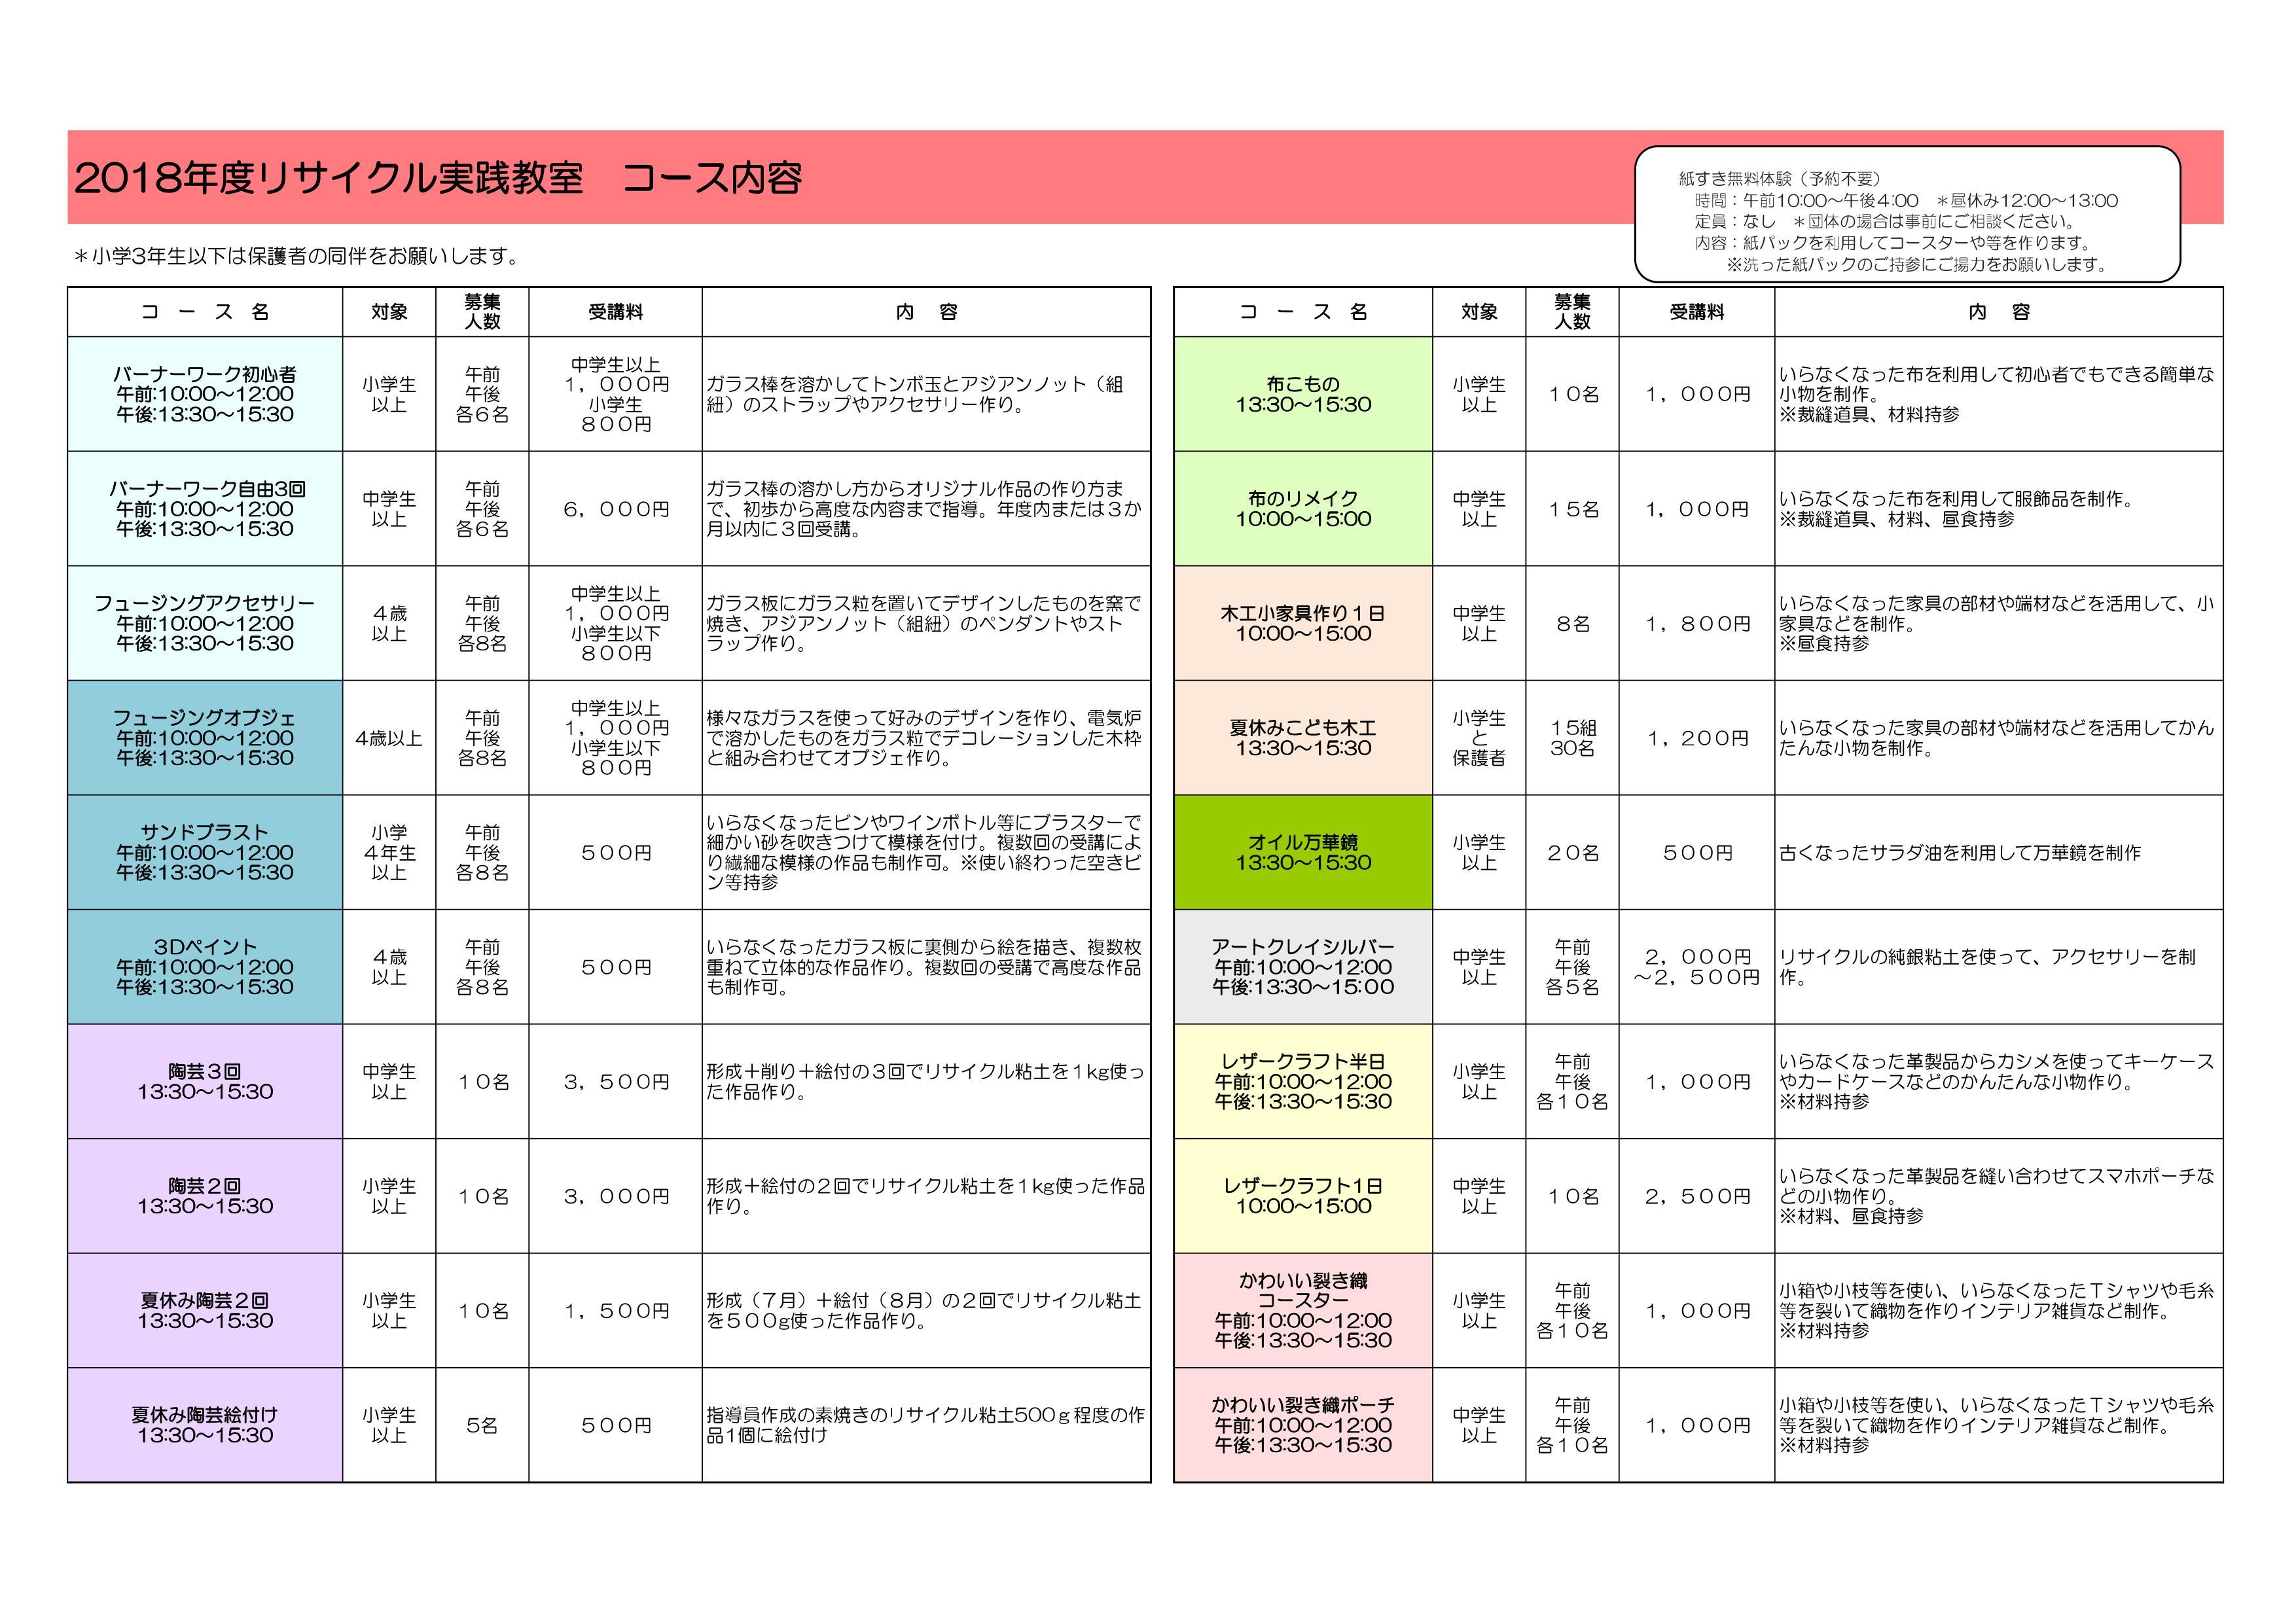 教室コース内容2018-2